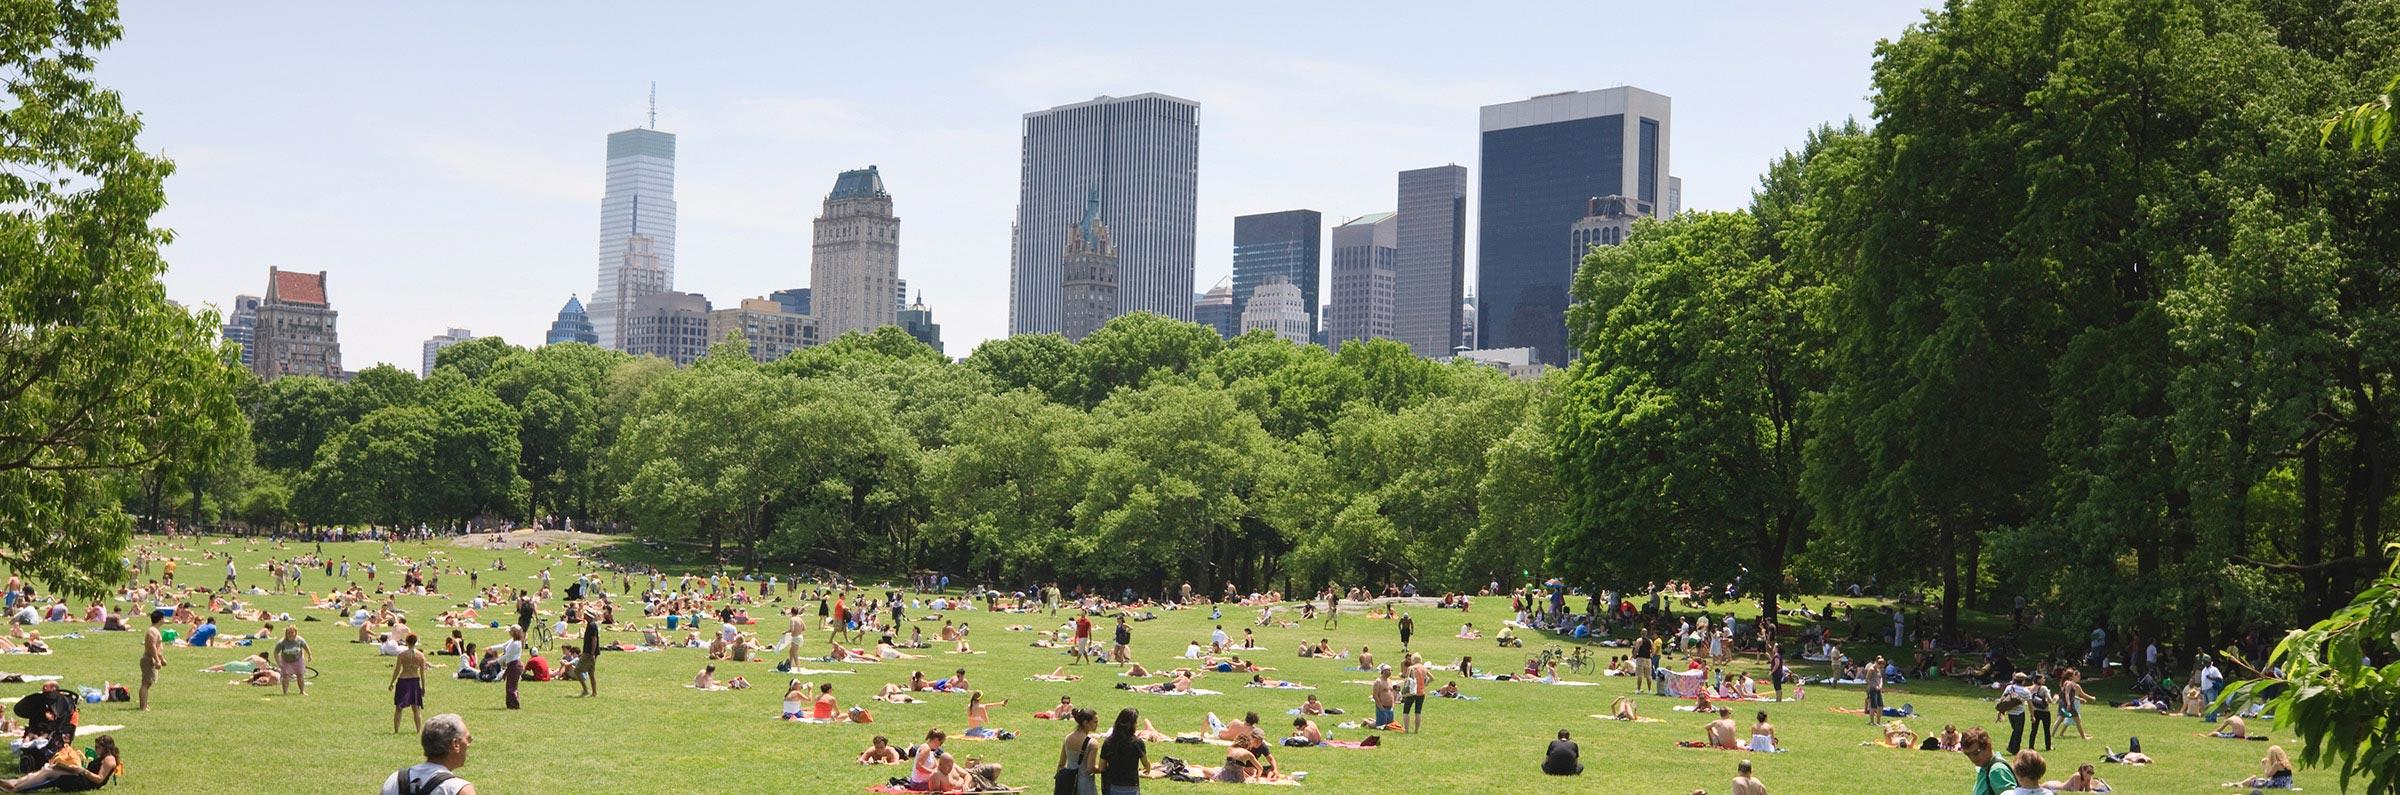 Luoghi e attrazioni in New York